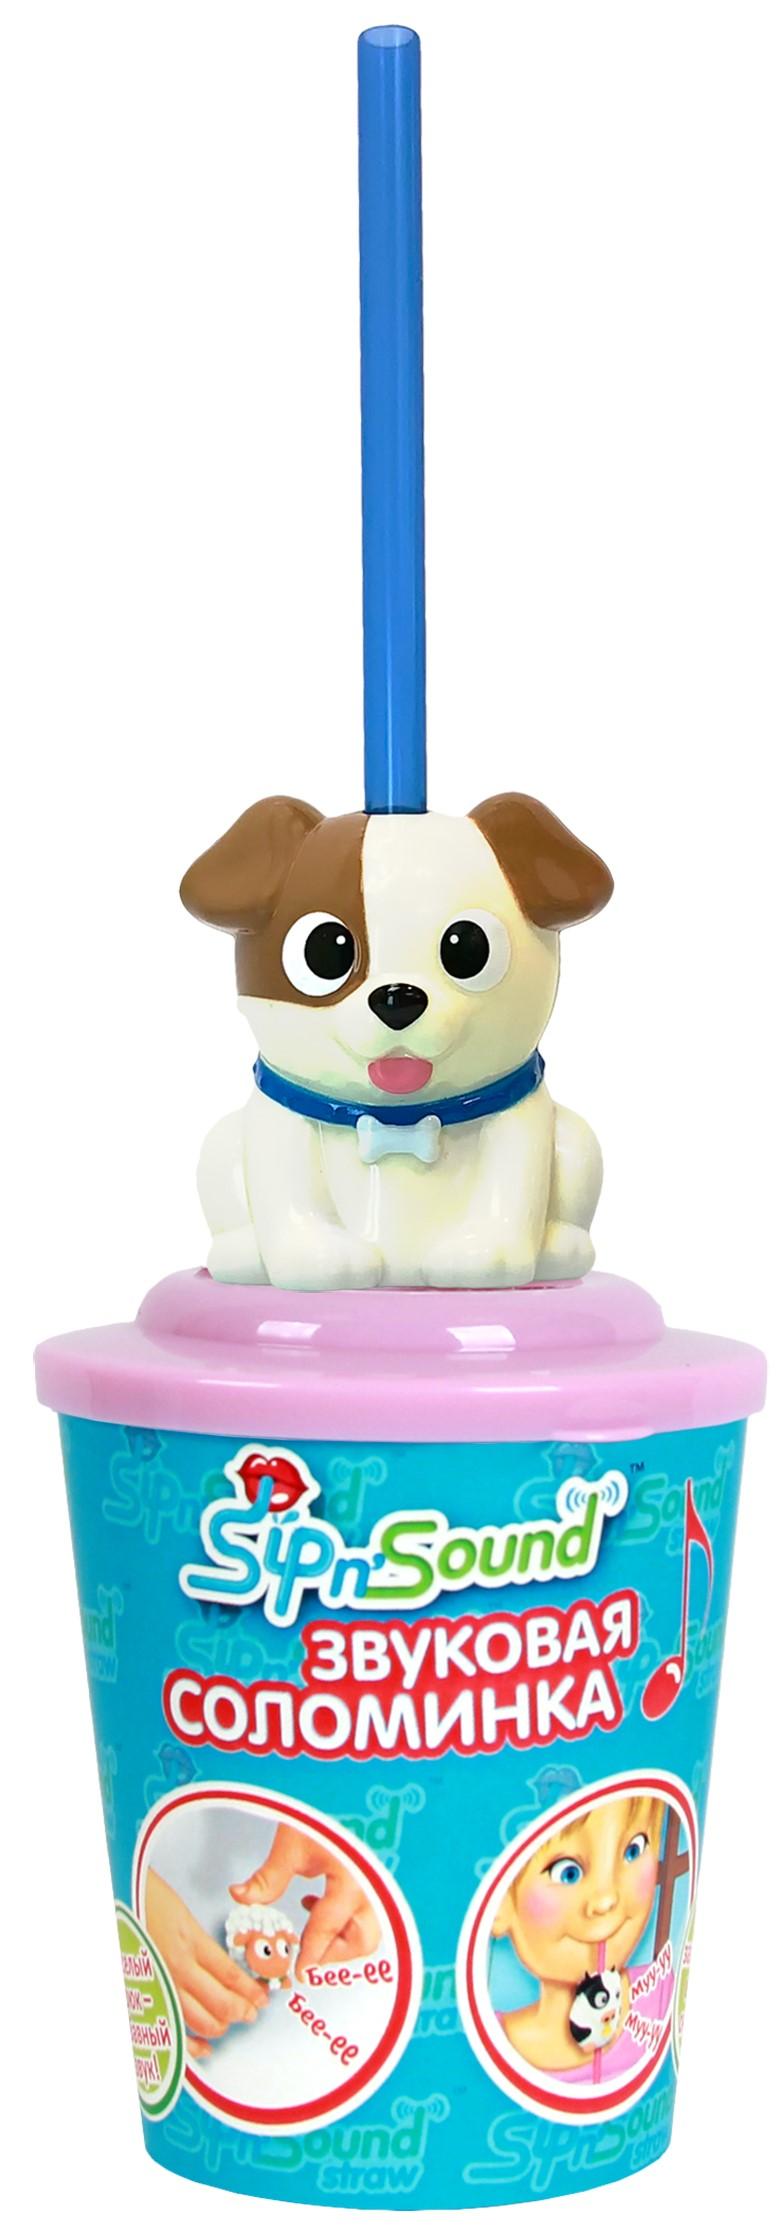 Купить Звуковая соломинка – Белая собака. Sip'n Sound, The Lokumal Group